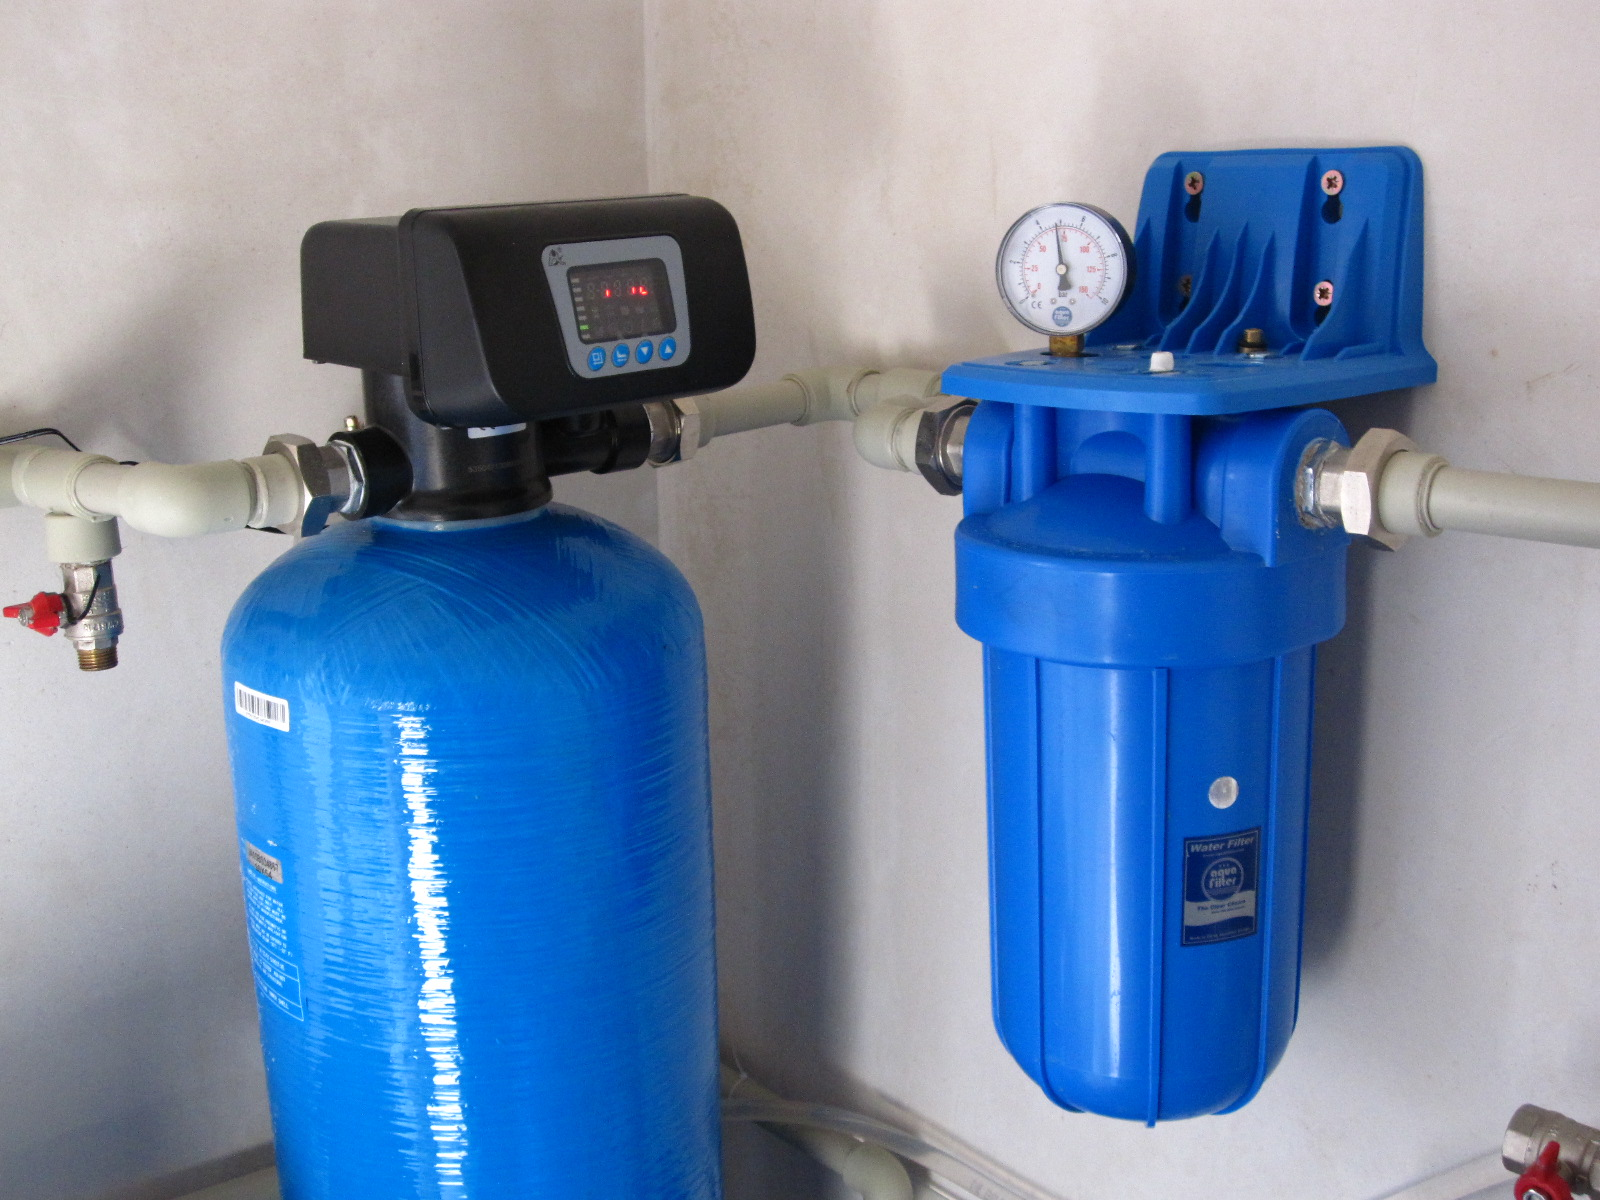 Фильтр для очистки воды своими руками - Greenologia 54